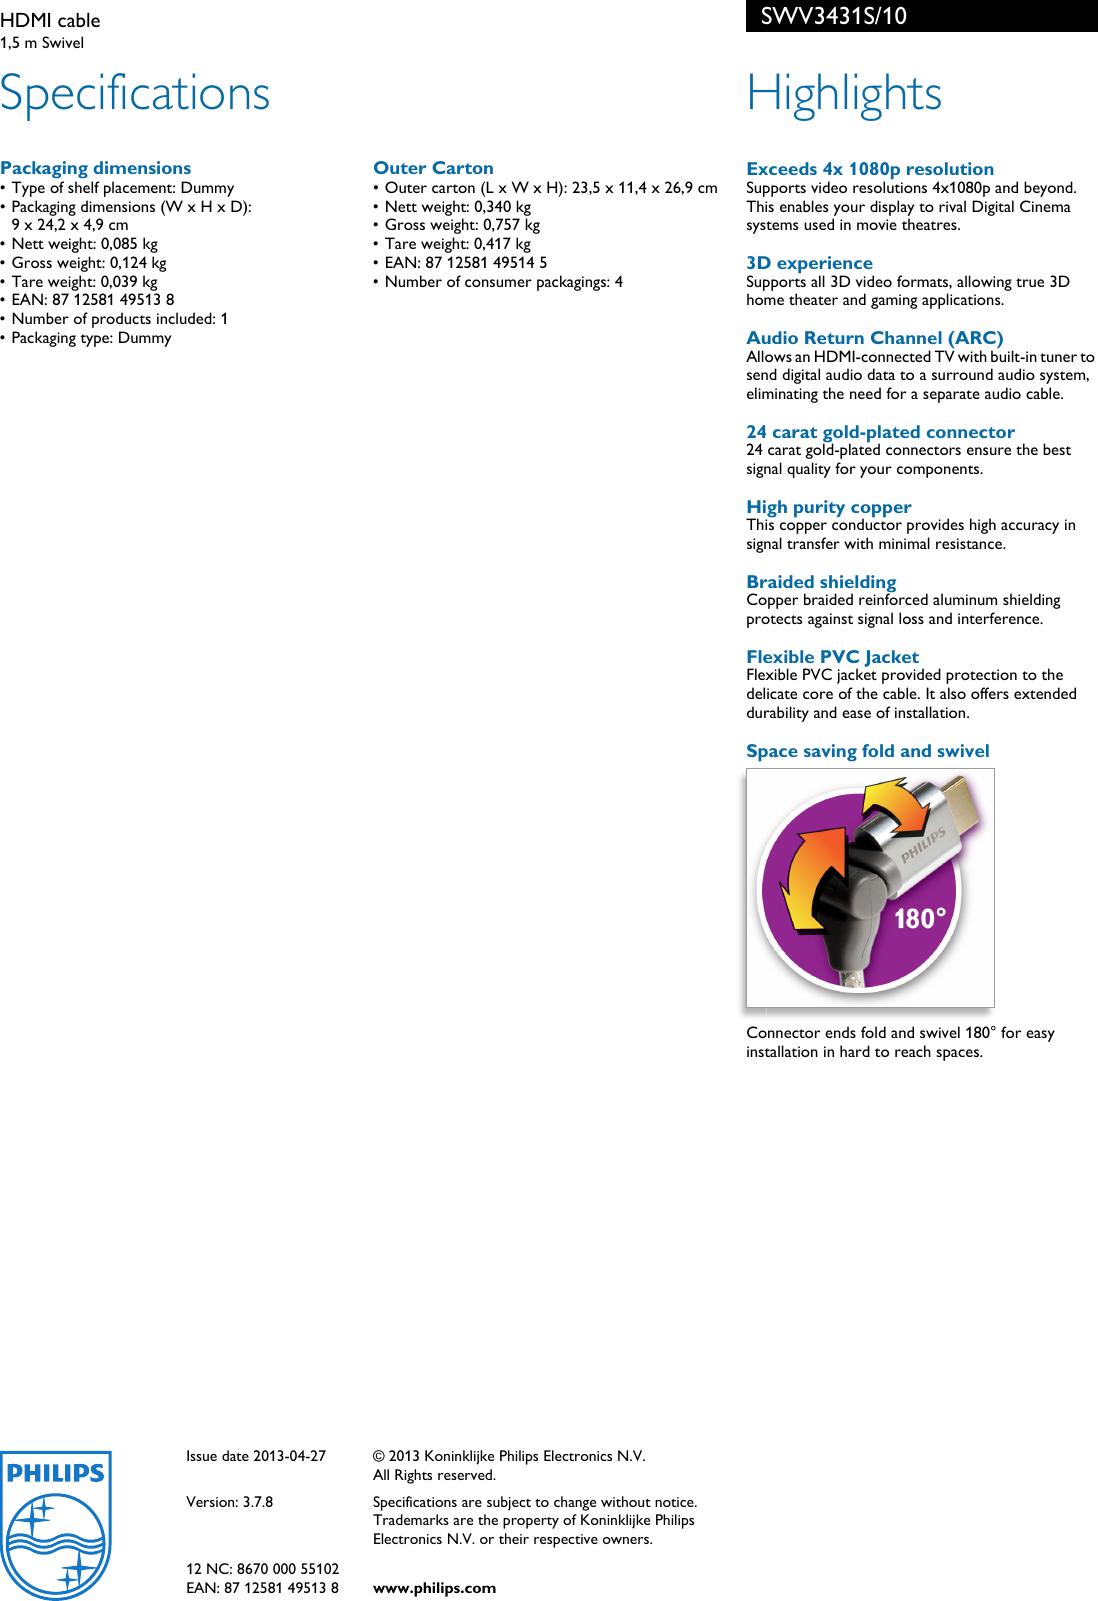 Kuyia Kabel Hdmi V14 Panjang 3 Meter Gold Platted Kualitas Terjamin ... - HDMI Kabel 10 Meter High Speed. Source · Page 2 of 2 - Philips SWV3431S/10 HDMI ...